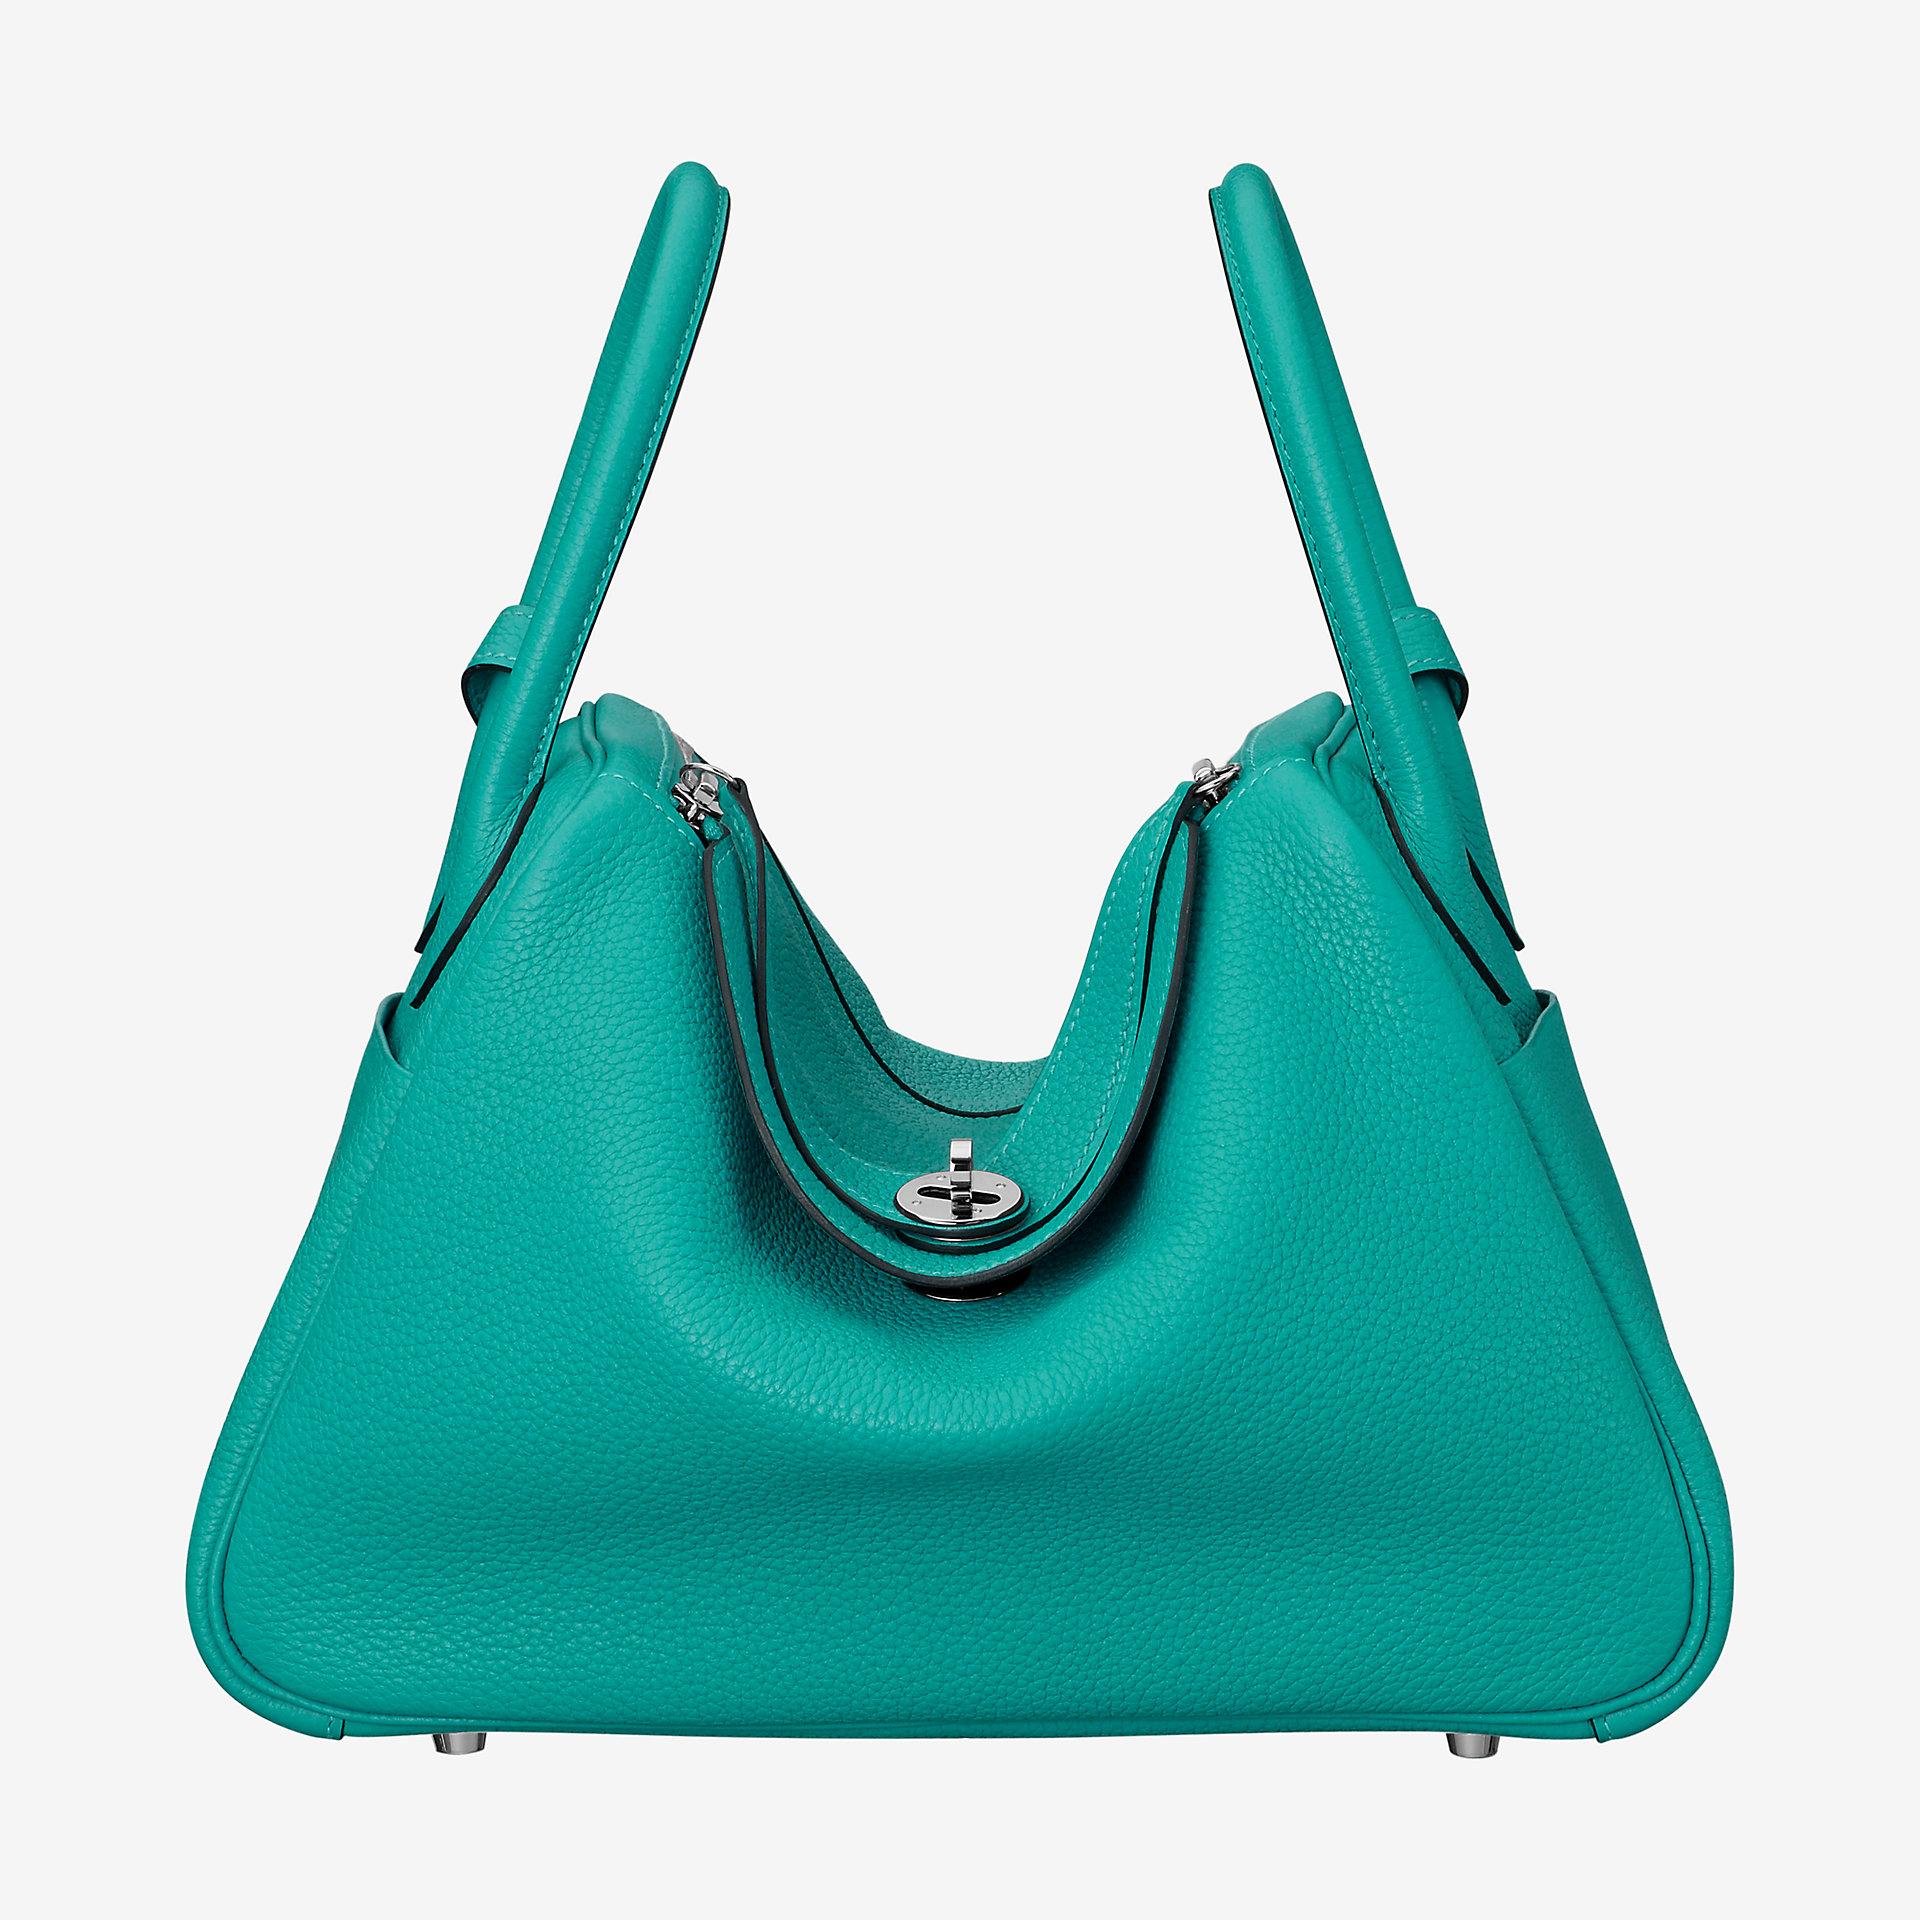 爱马仕琳迪包定制 Hermes Lindy 30cm bag CK7F taurillon Clemence leather